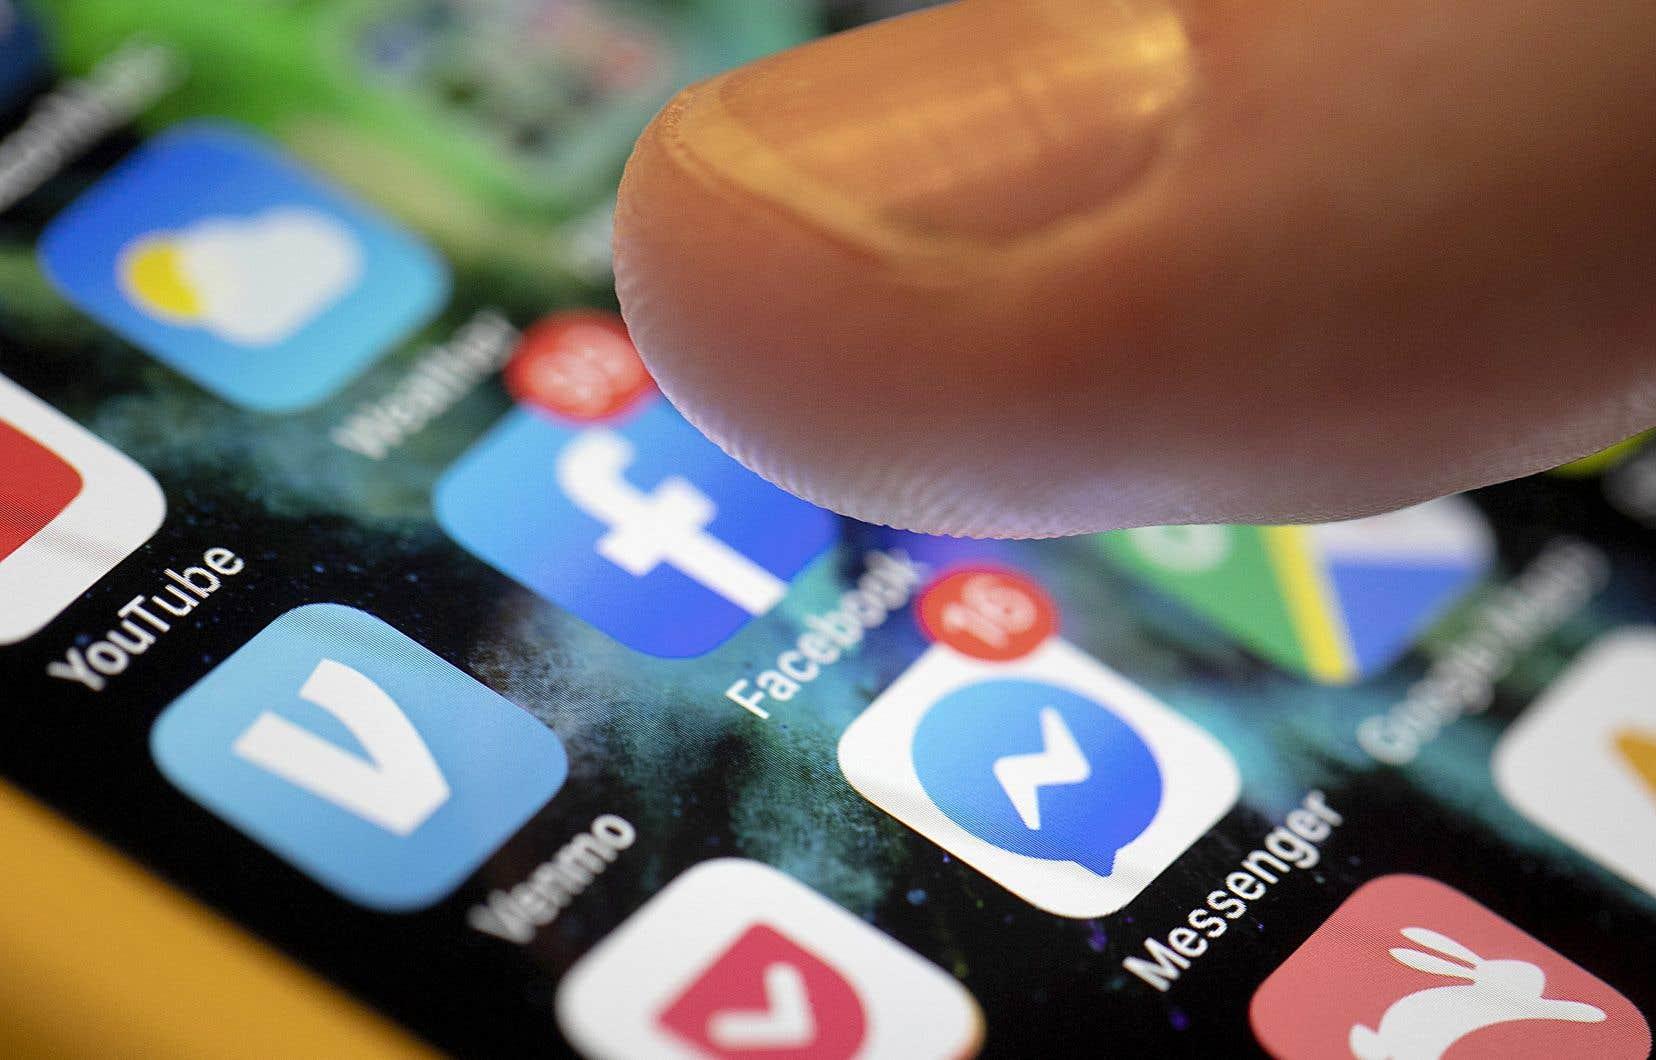 Plusieurs pages de dénonciations anonymes ont récemment vu le jour sur Instagram et Facebook, dont «Dis son nom» et «Victims voices». À partir de témoignages d'inconduites pour la plupart sexuelles, une liste de présumés agresseurs a commencé à circuler.